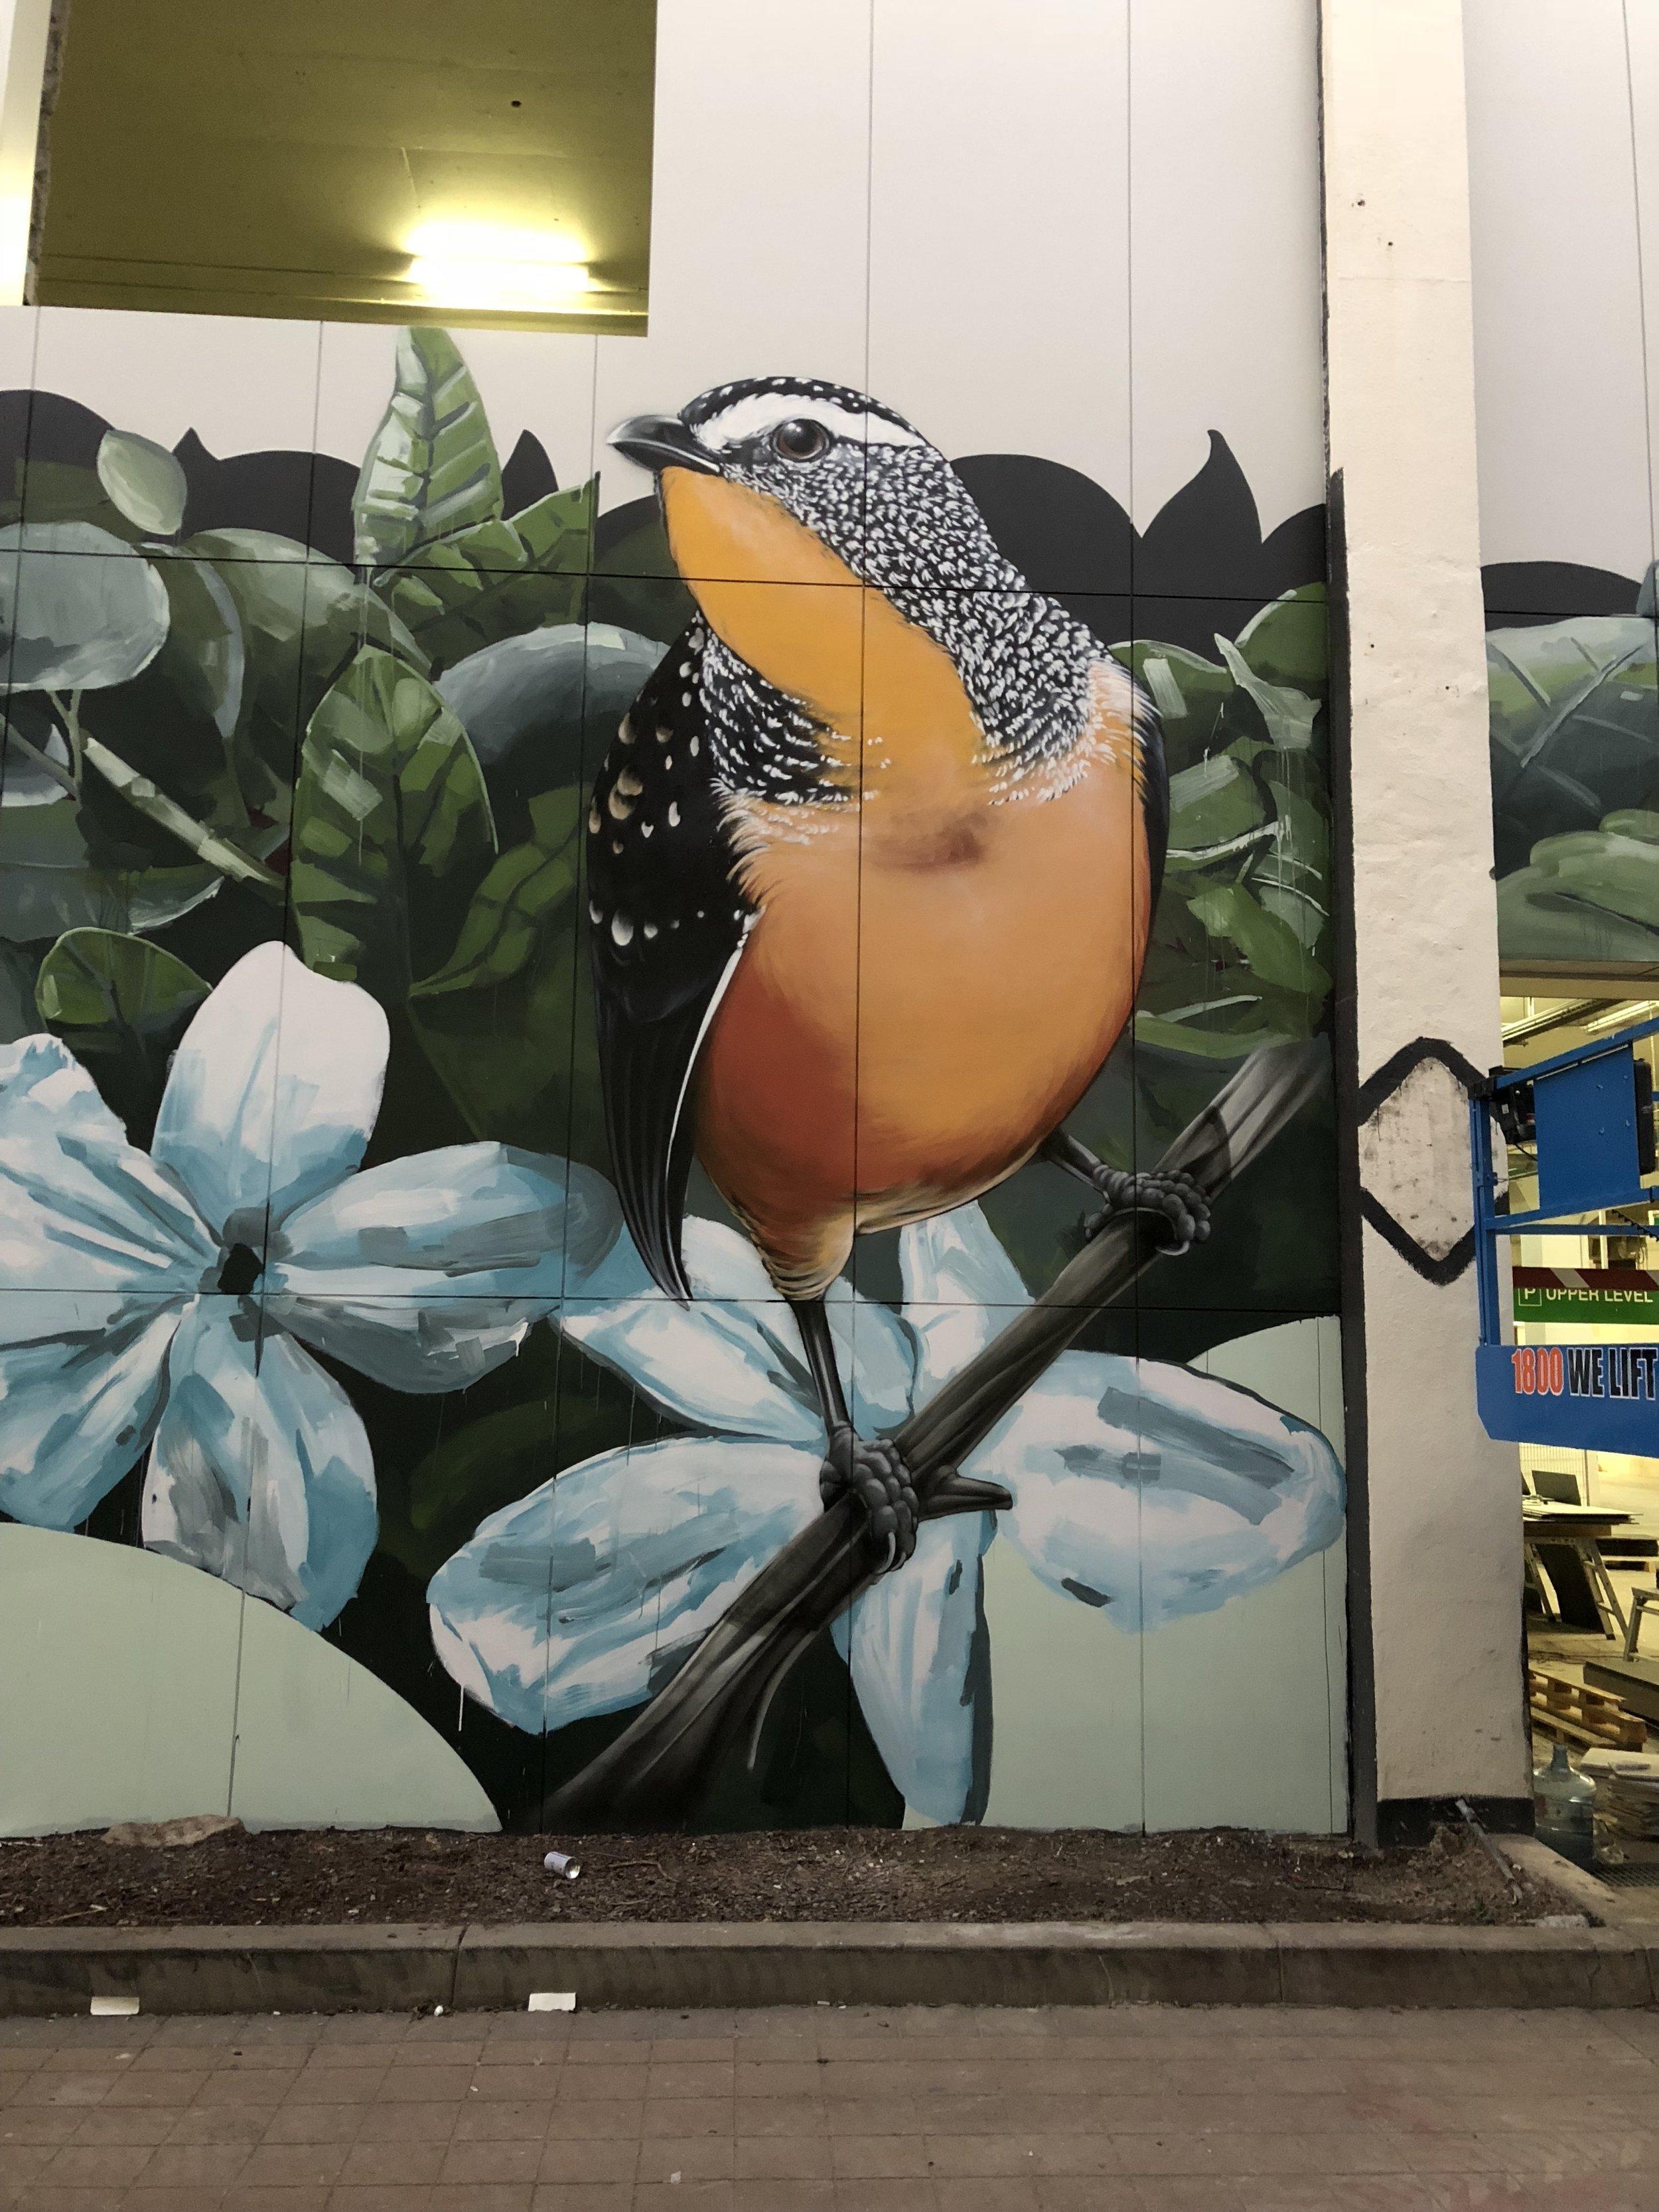 Westfield Garden City, Brisbane, 2018